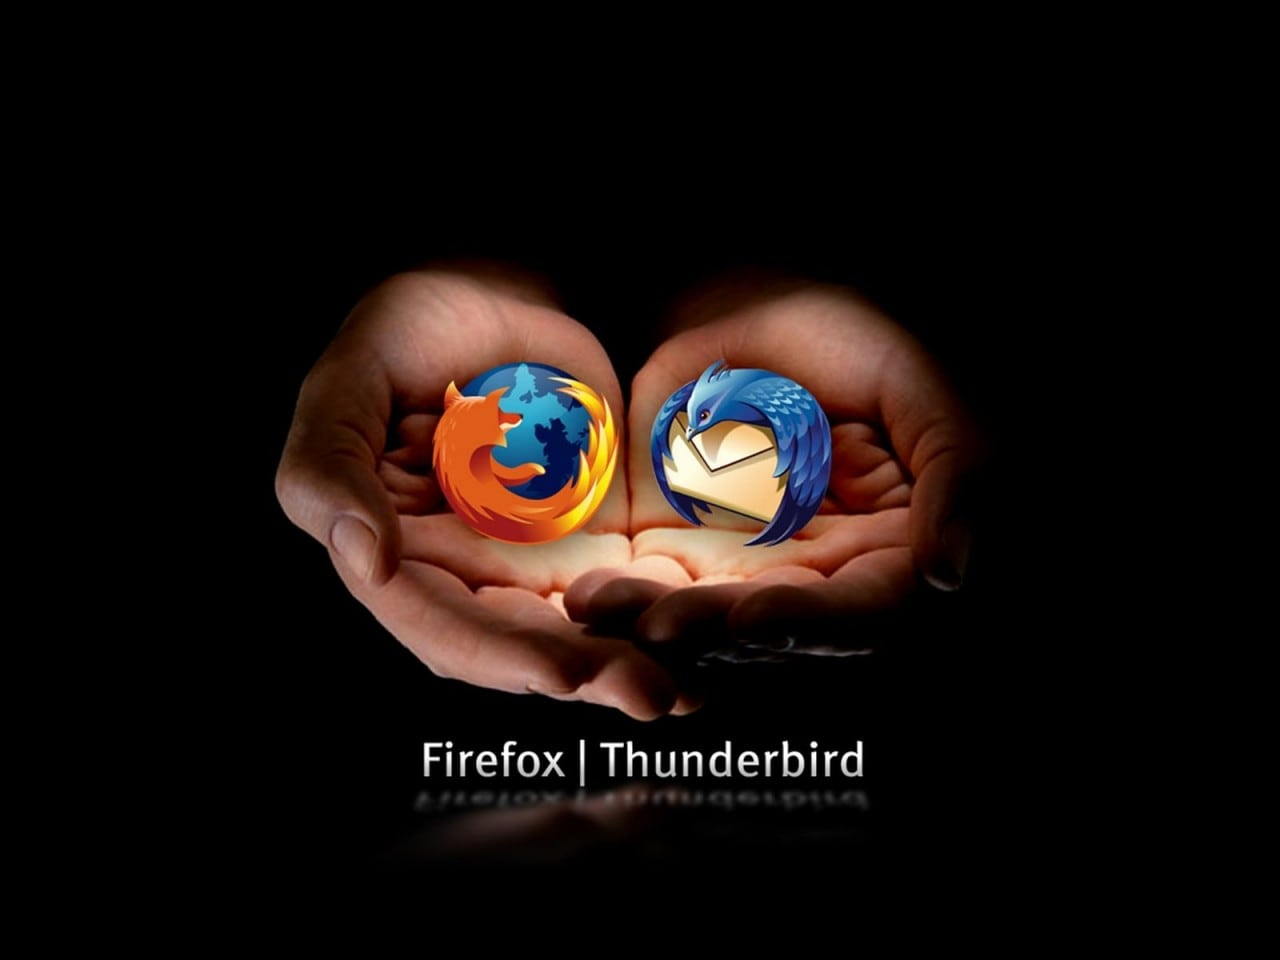 Le strade di Firefox e Thunderbird si dividono, per il bene di entrambi (ma soprattutto di Firefox)